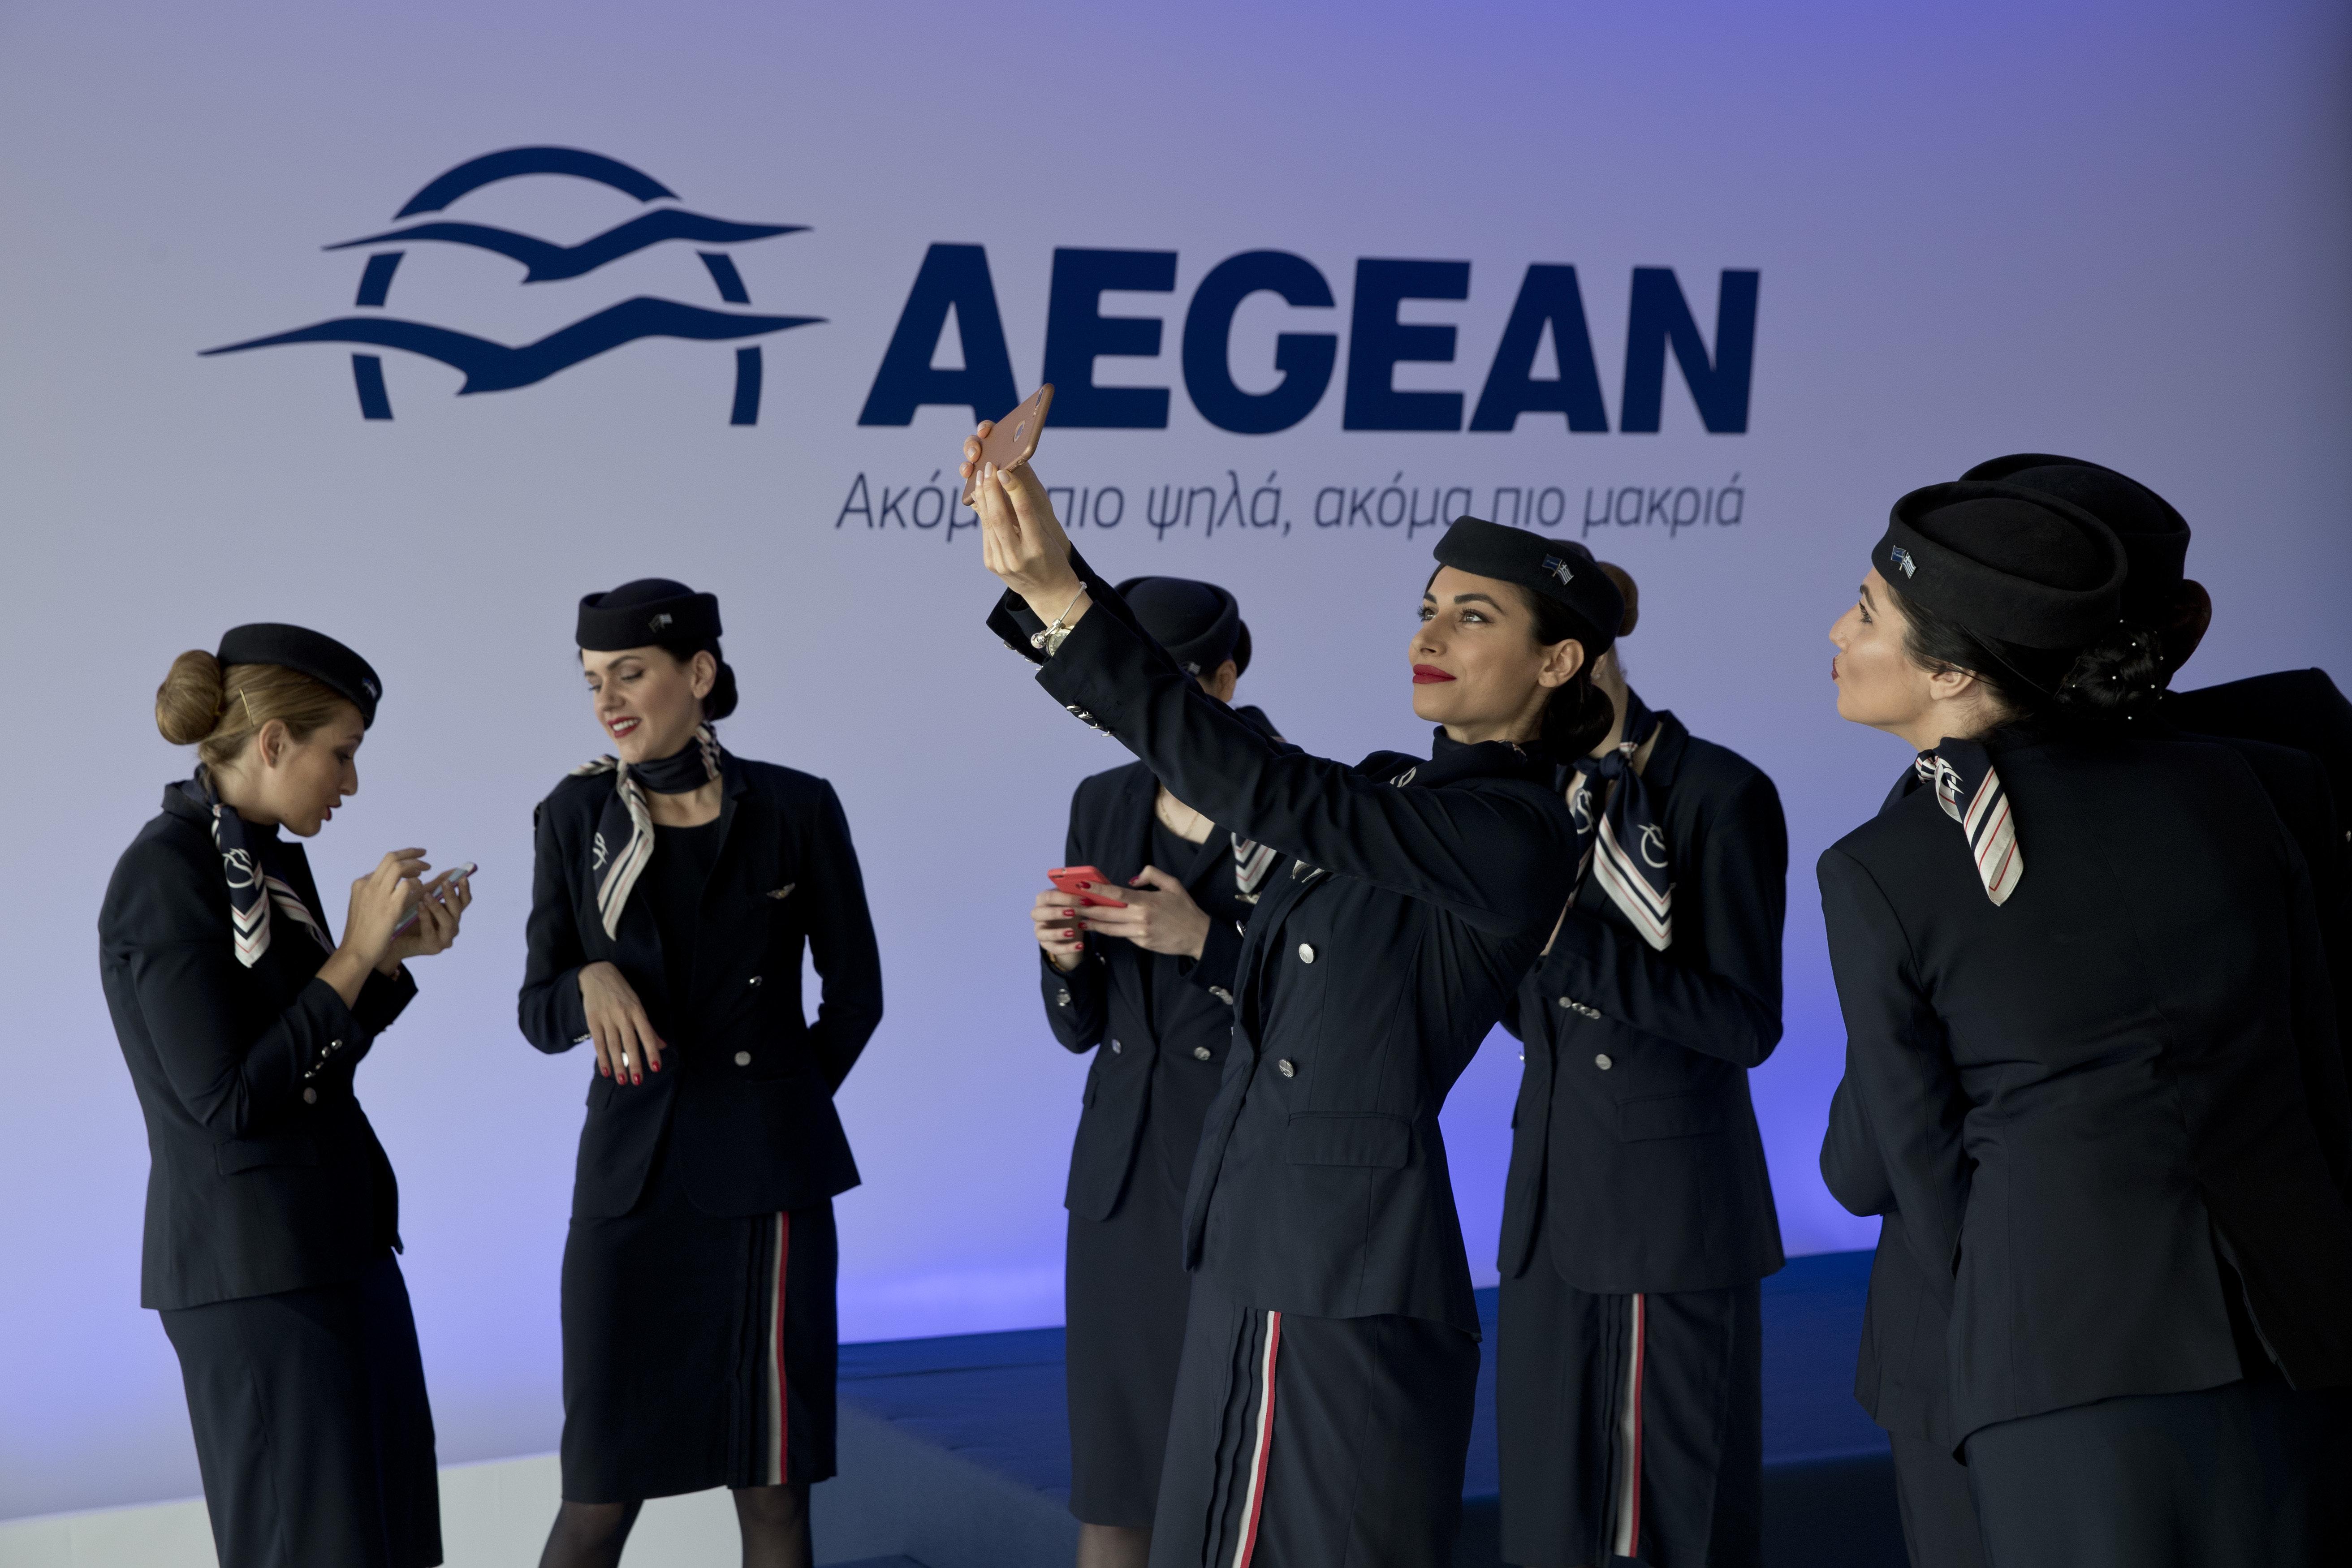 Η Αegean 5η στη λίστα με τις 20 καλύτερες αεροπορικές εταιρείες